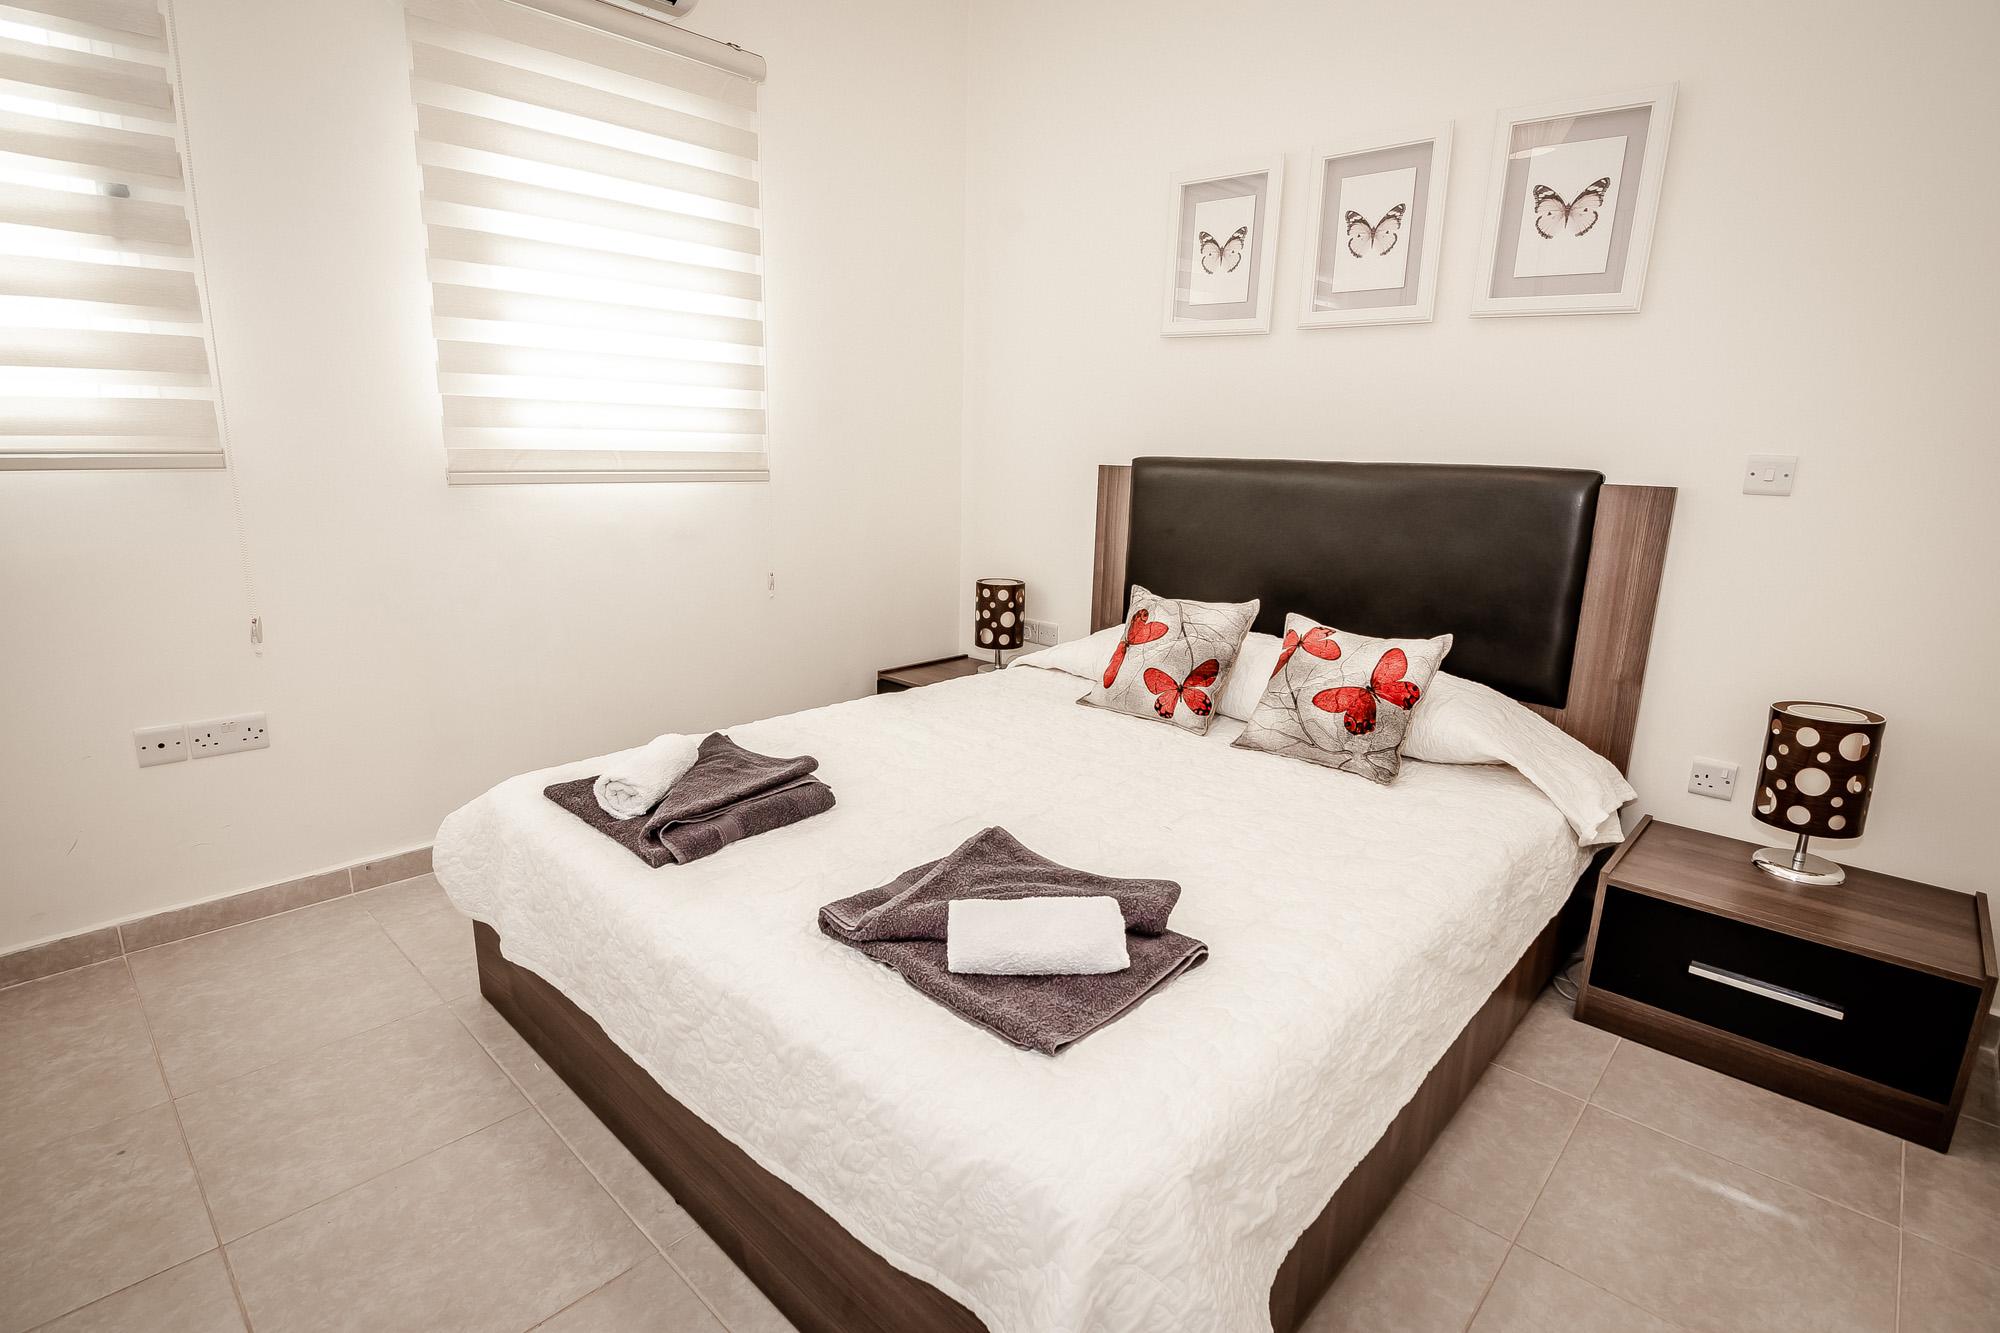 Apartment Joya Cyprus Mystic Penthouse Apartment photo 20381744